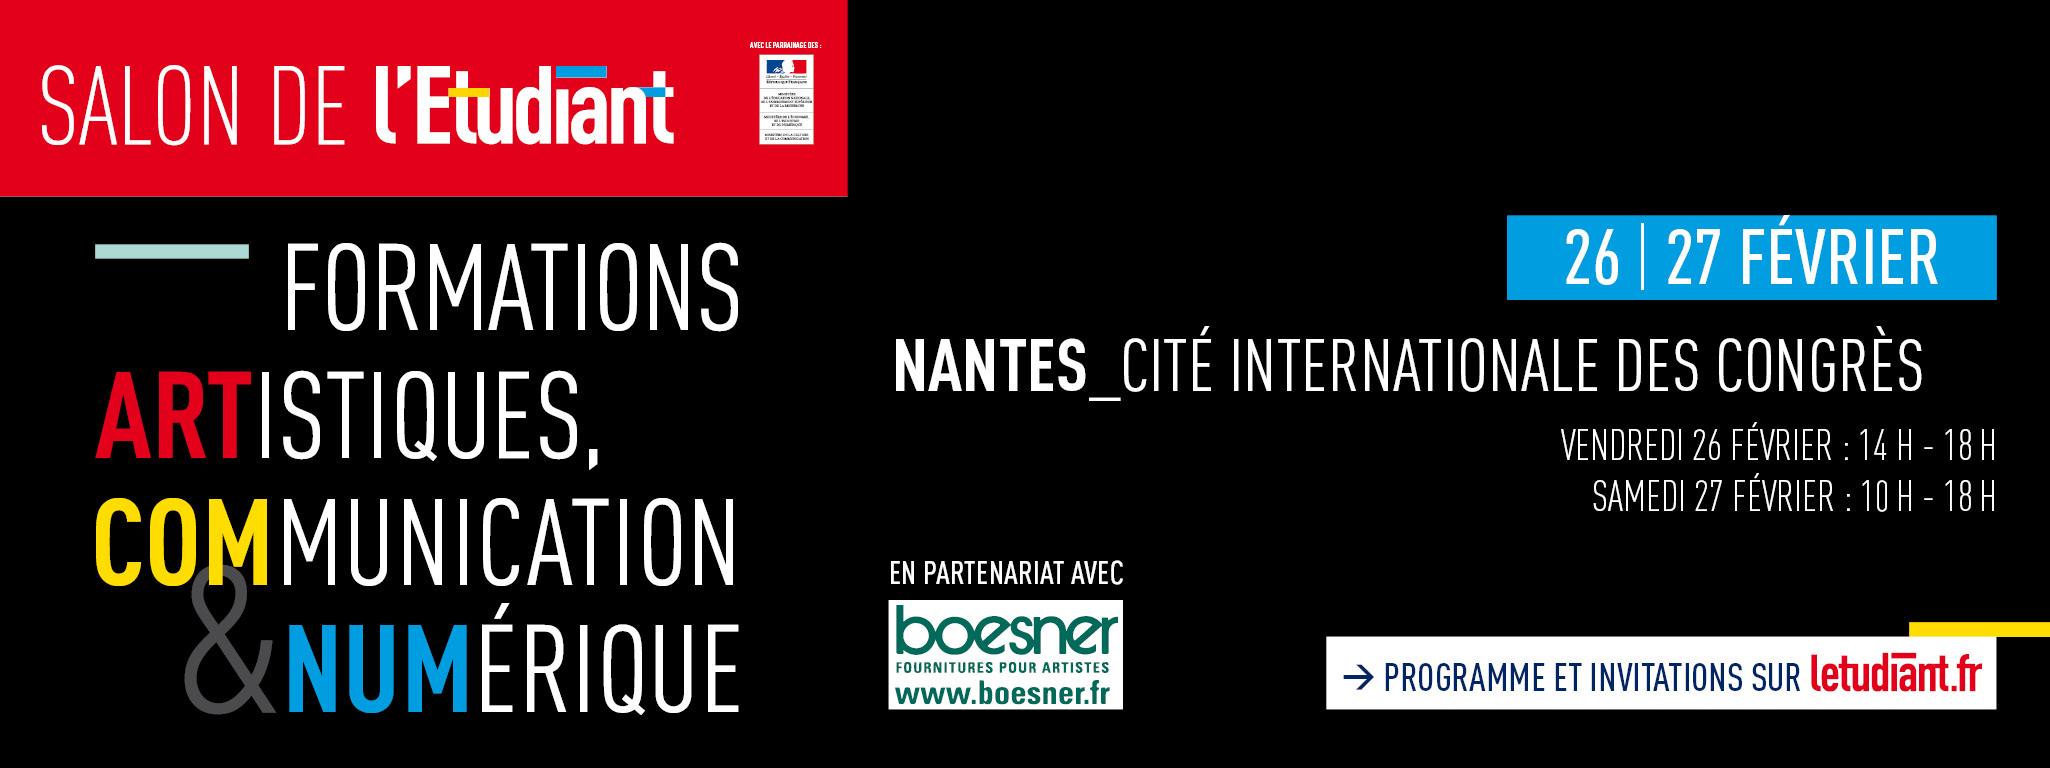 Salon des formations artistiques de nantes 2016 ecole pivaut for Salon de formation